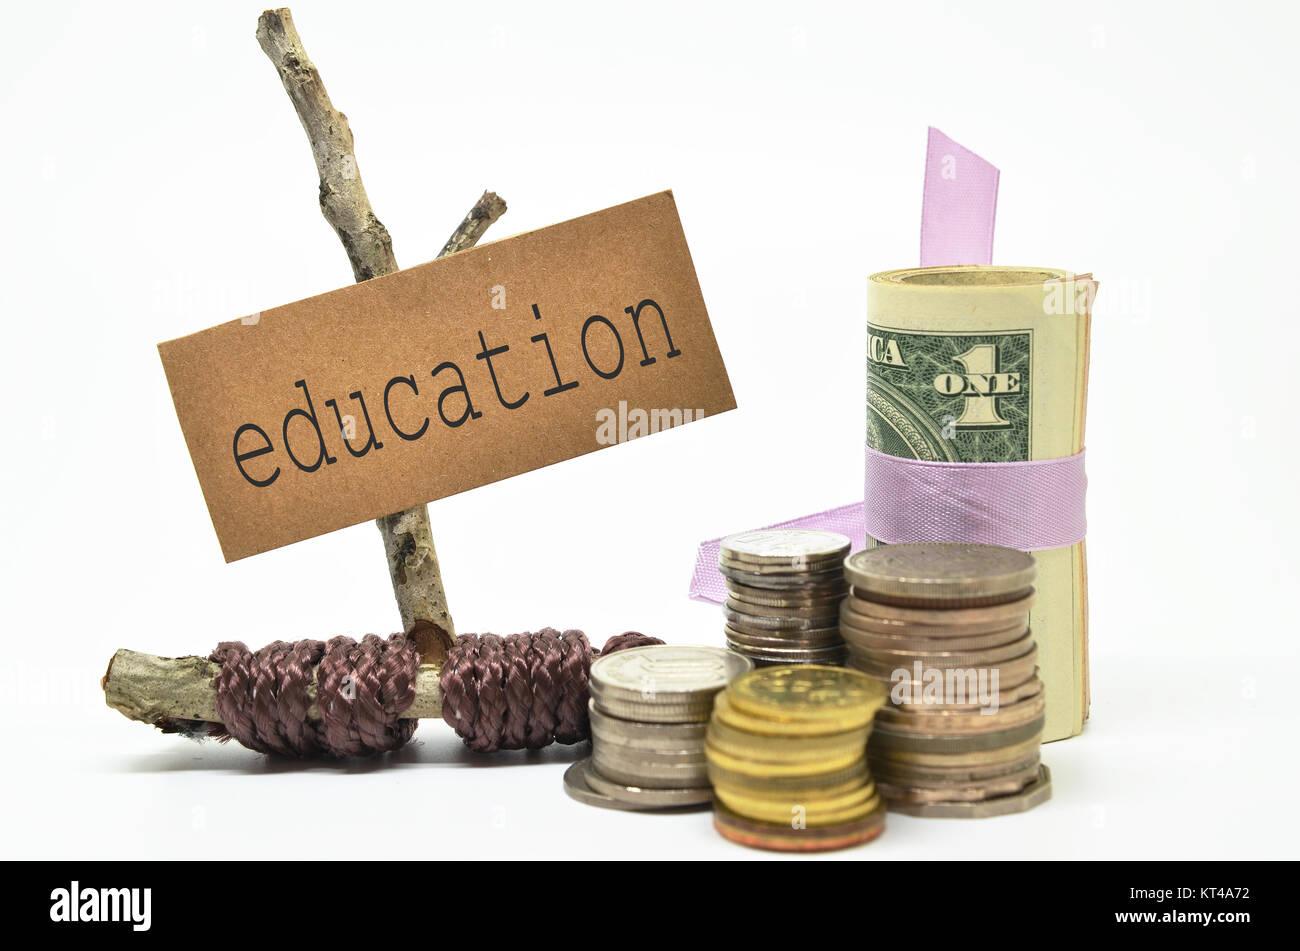 Monedas y dinero con etiqueta educación Foto de stock